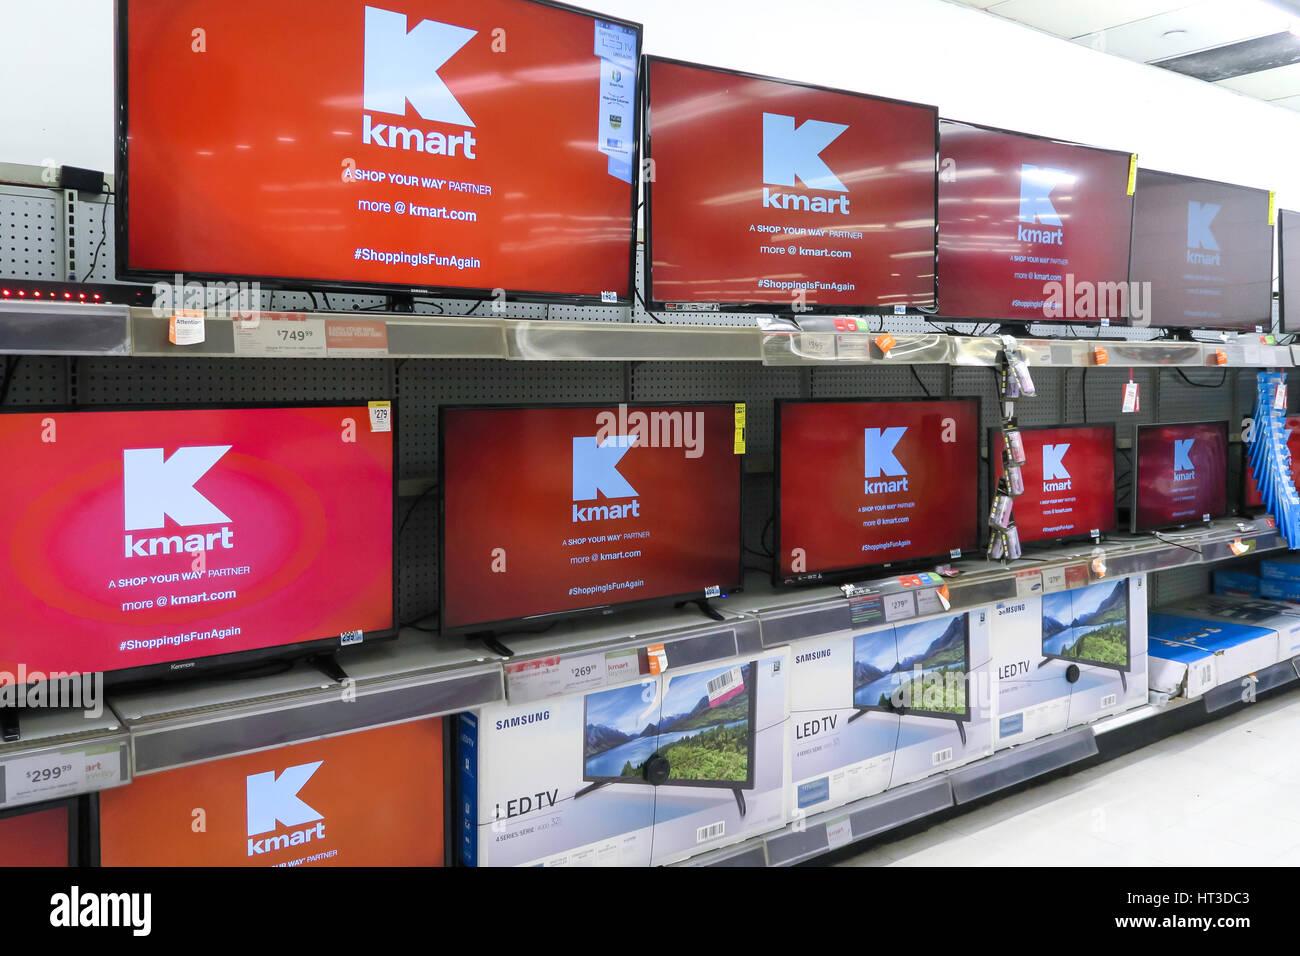 Flat Screen TV Display at Kmart, NYC, USA - Stock Image